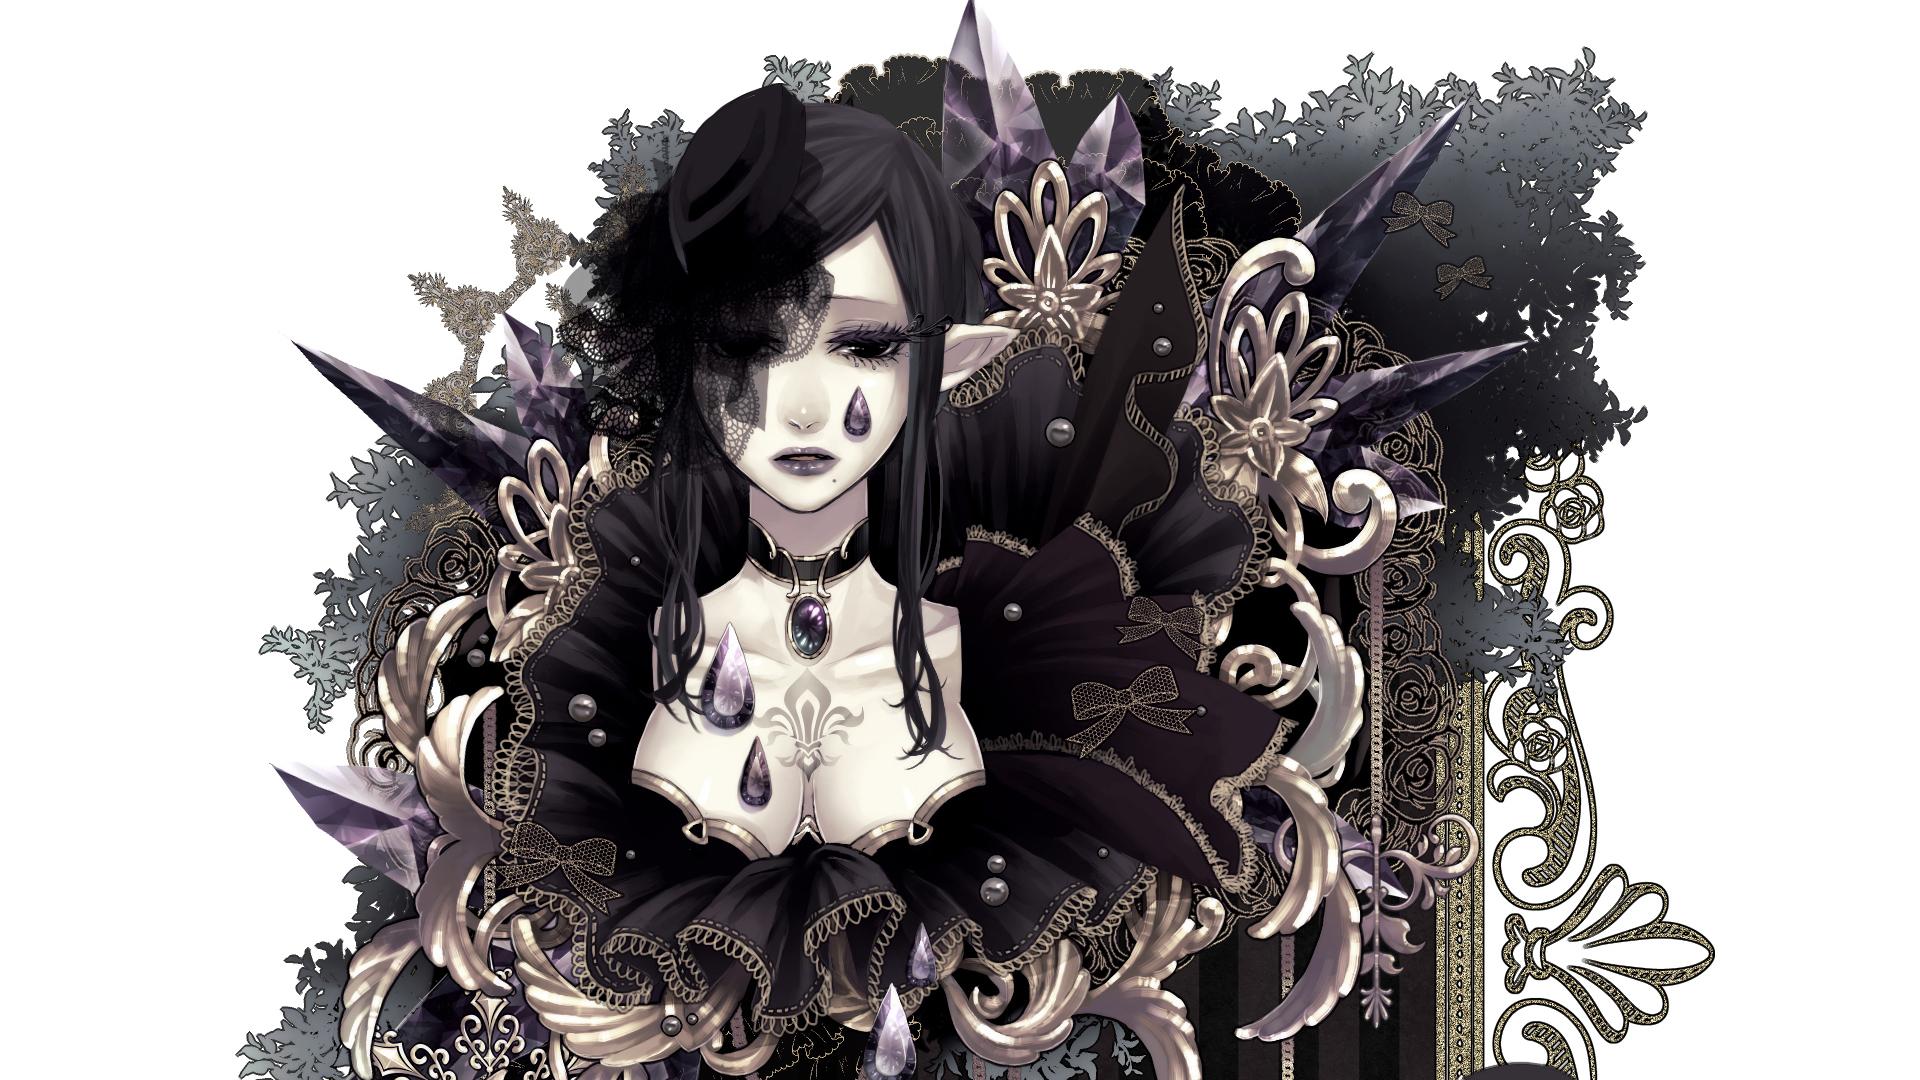 Wallpaper 1920x1080 Px Anime Artistic Elves Fantasia